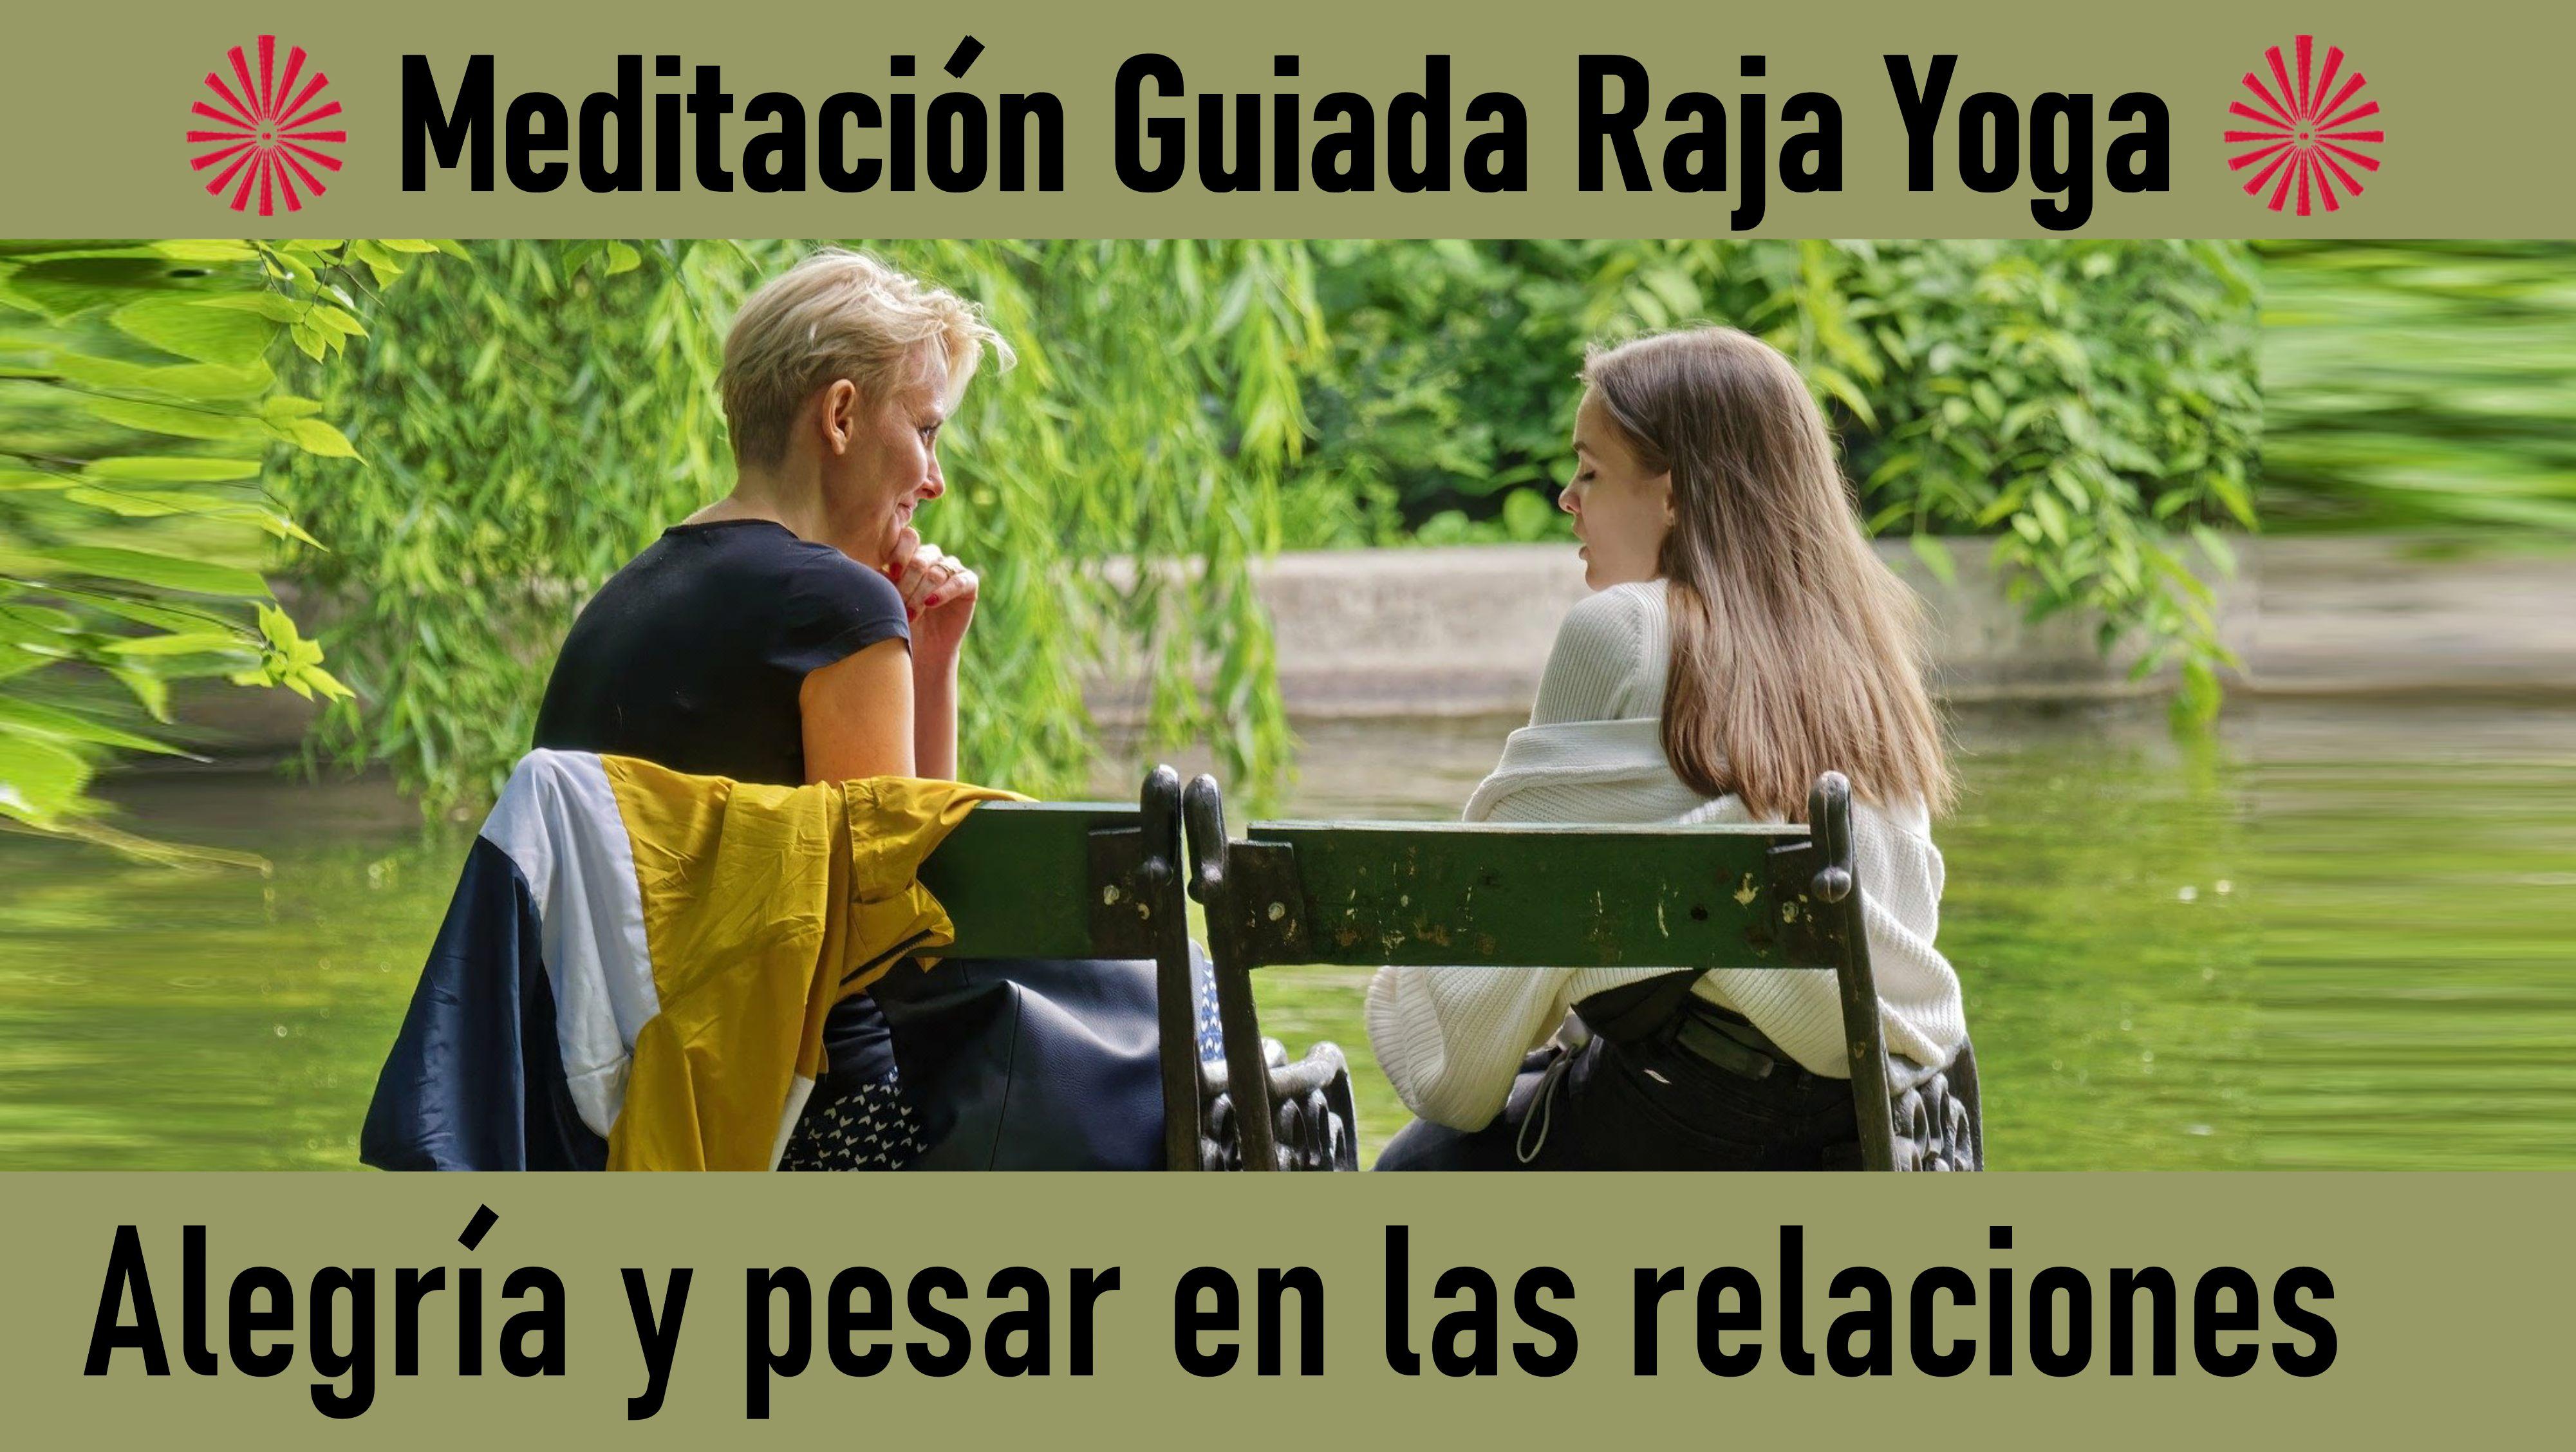 Meditación Raja Yoga: Alegría y pesar en las relaciones (11 Julio 2020) On-line desde Valencia